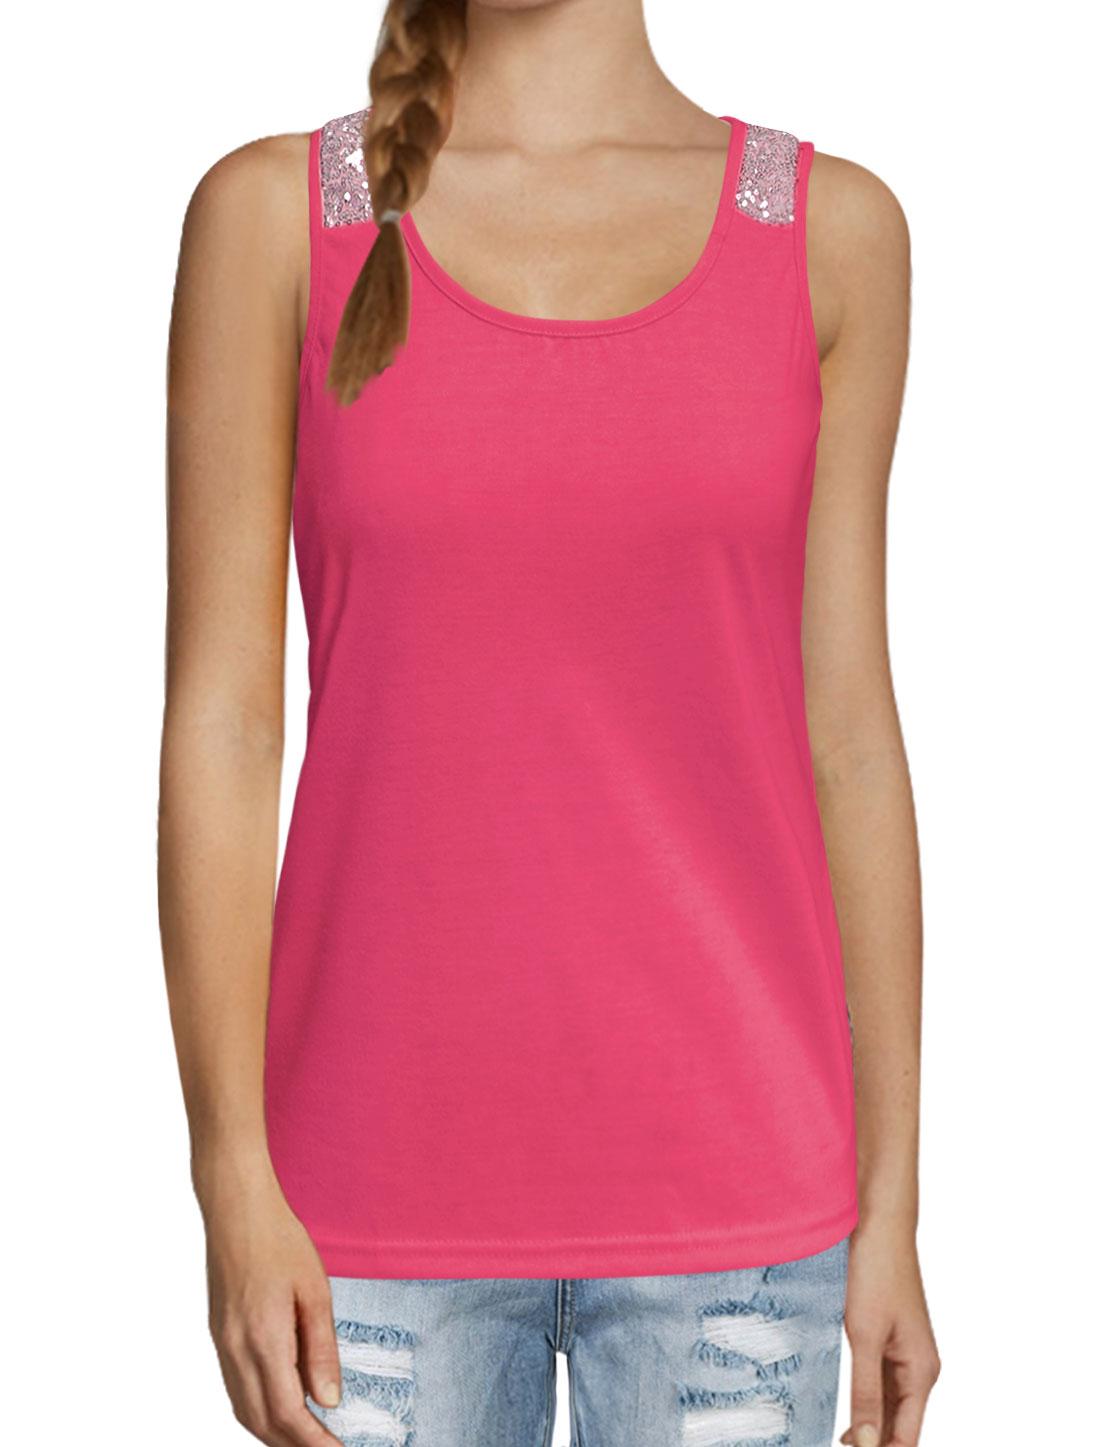 Women Scoop Neckline Sequin Embellished Tank Top Pink M